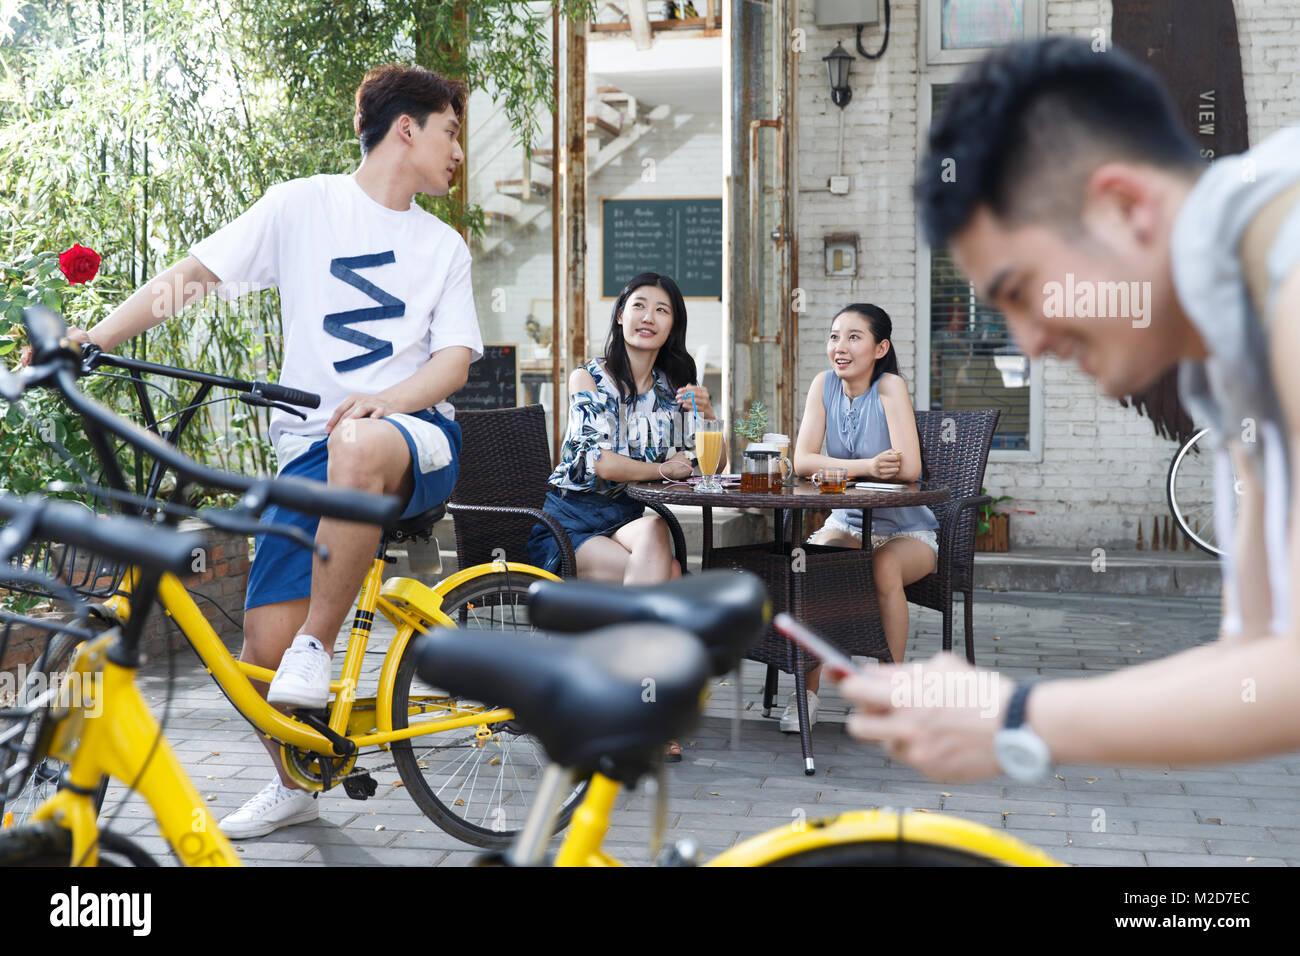 Youth gathering - Stock Image